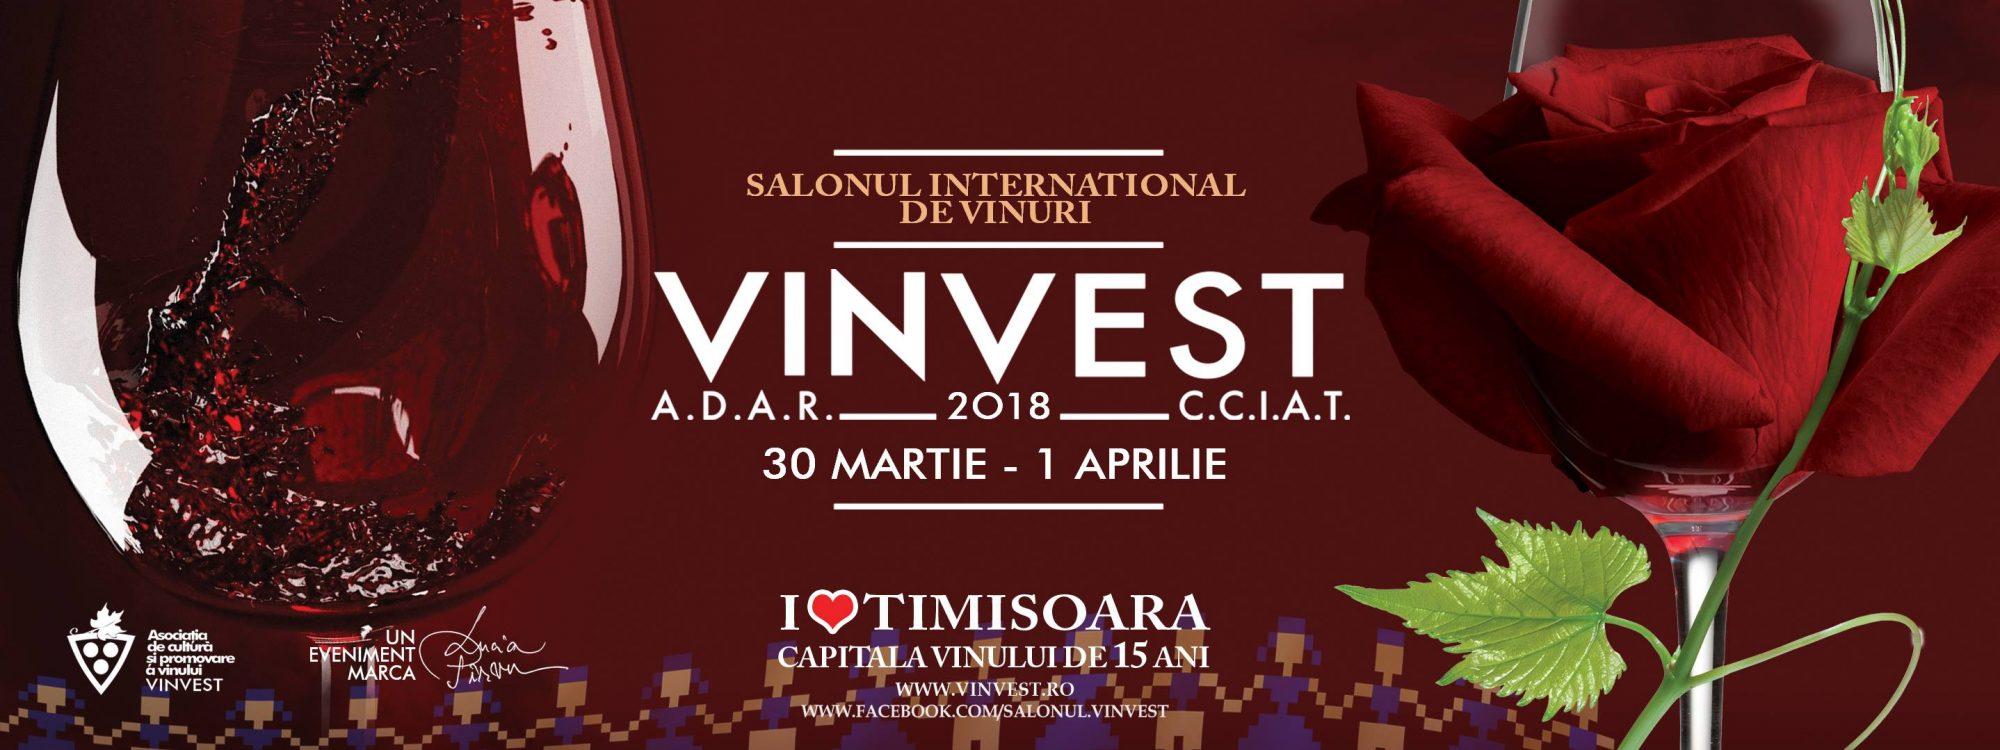 Vin Vest 2018